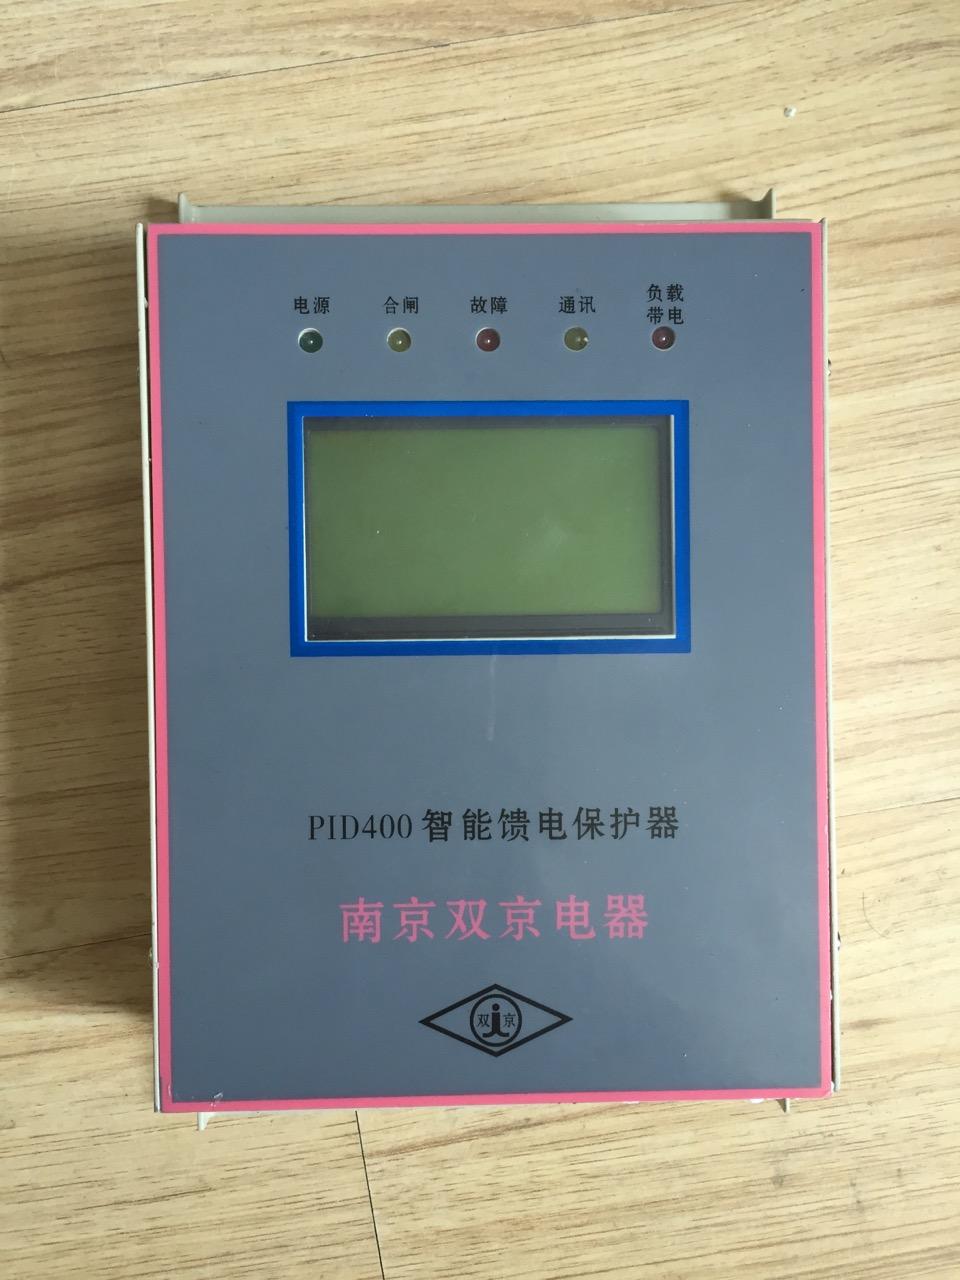 国宏pid-400智能馈电保护器